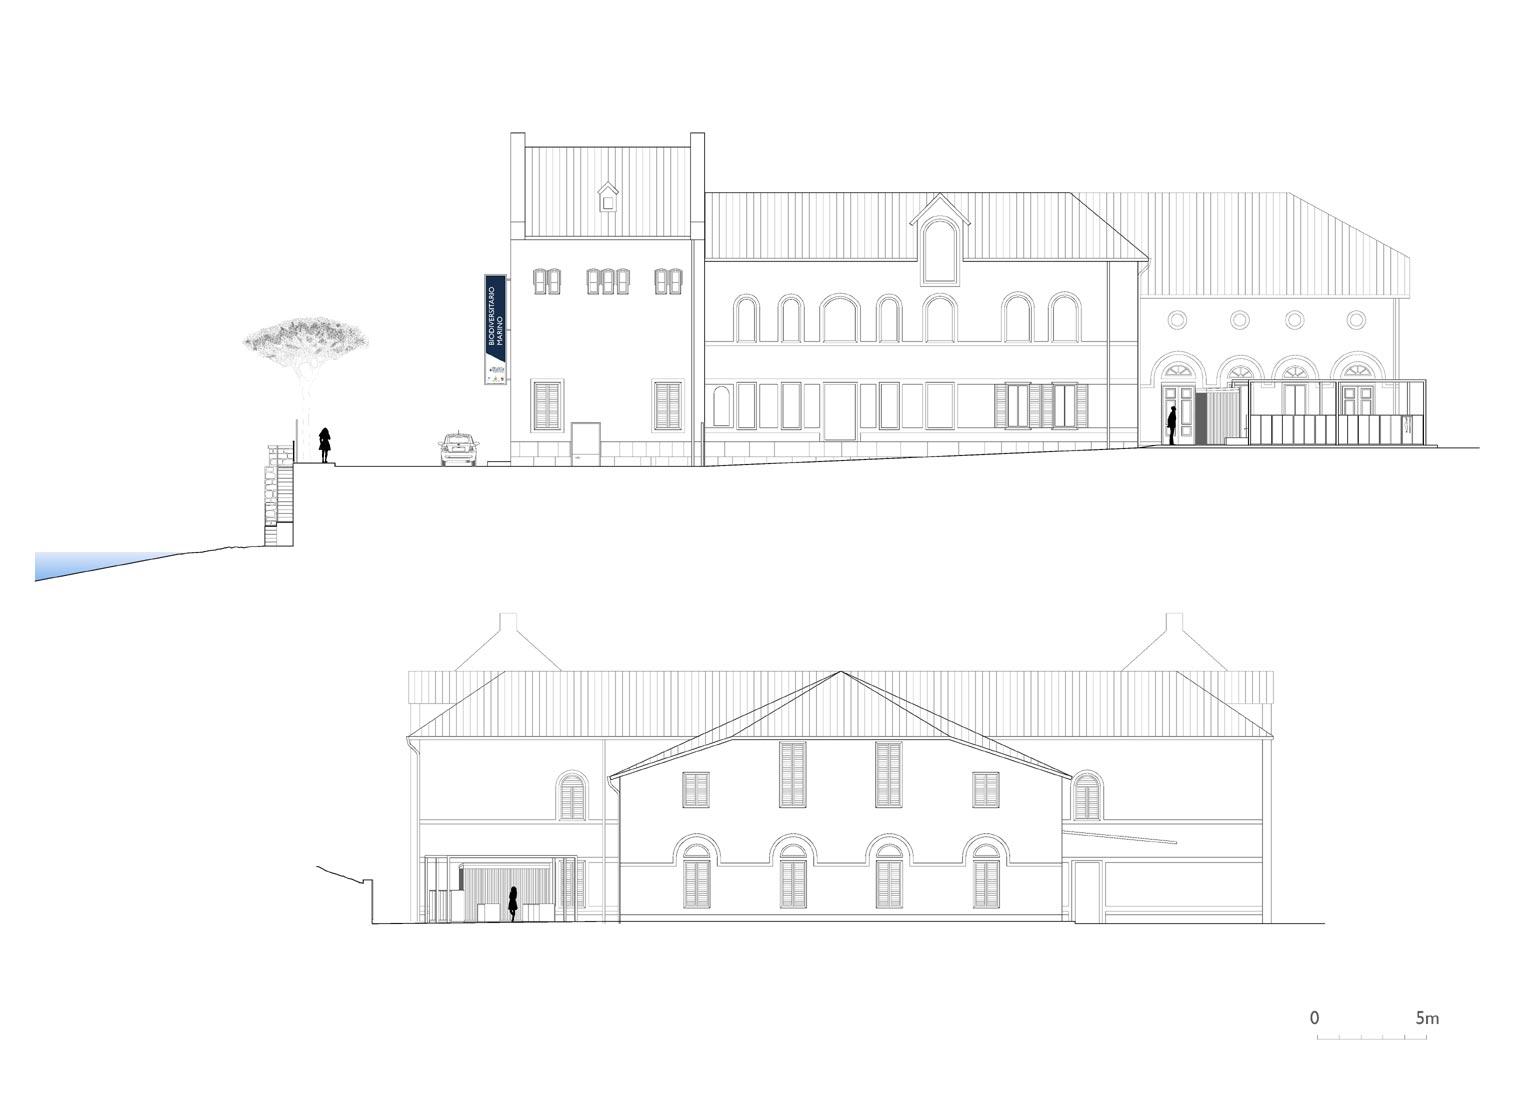 vk-architetti_reefugio_fronts